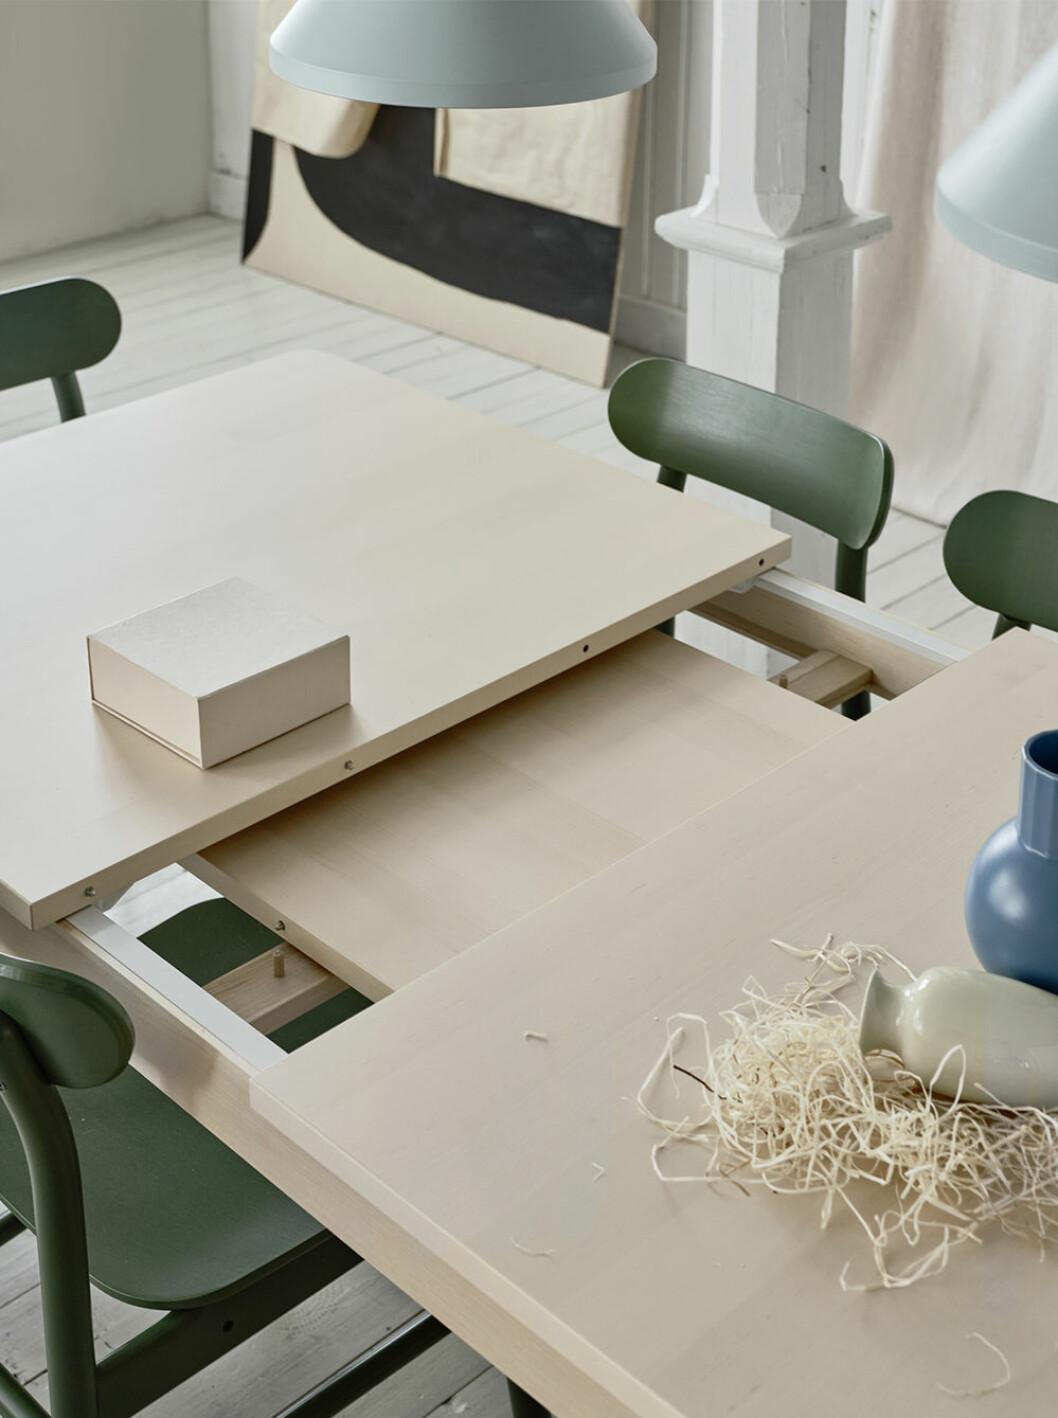 Förläng bordet Rönninge från Ikea med en skiva som förvaras i